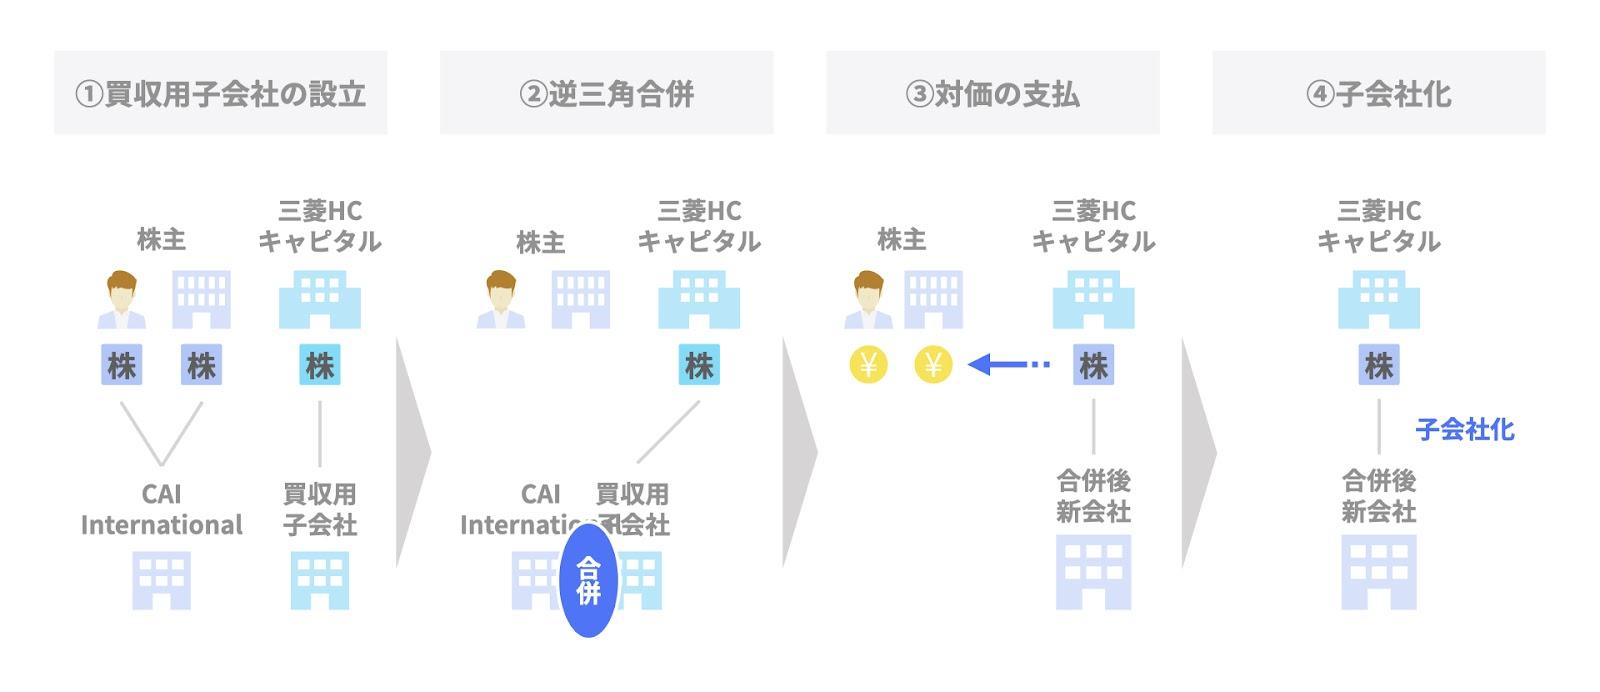 逆三角合併の事例① 三菱HCキャピタルによるCAI Internationalの買収のスキーム